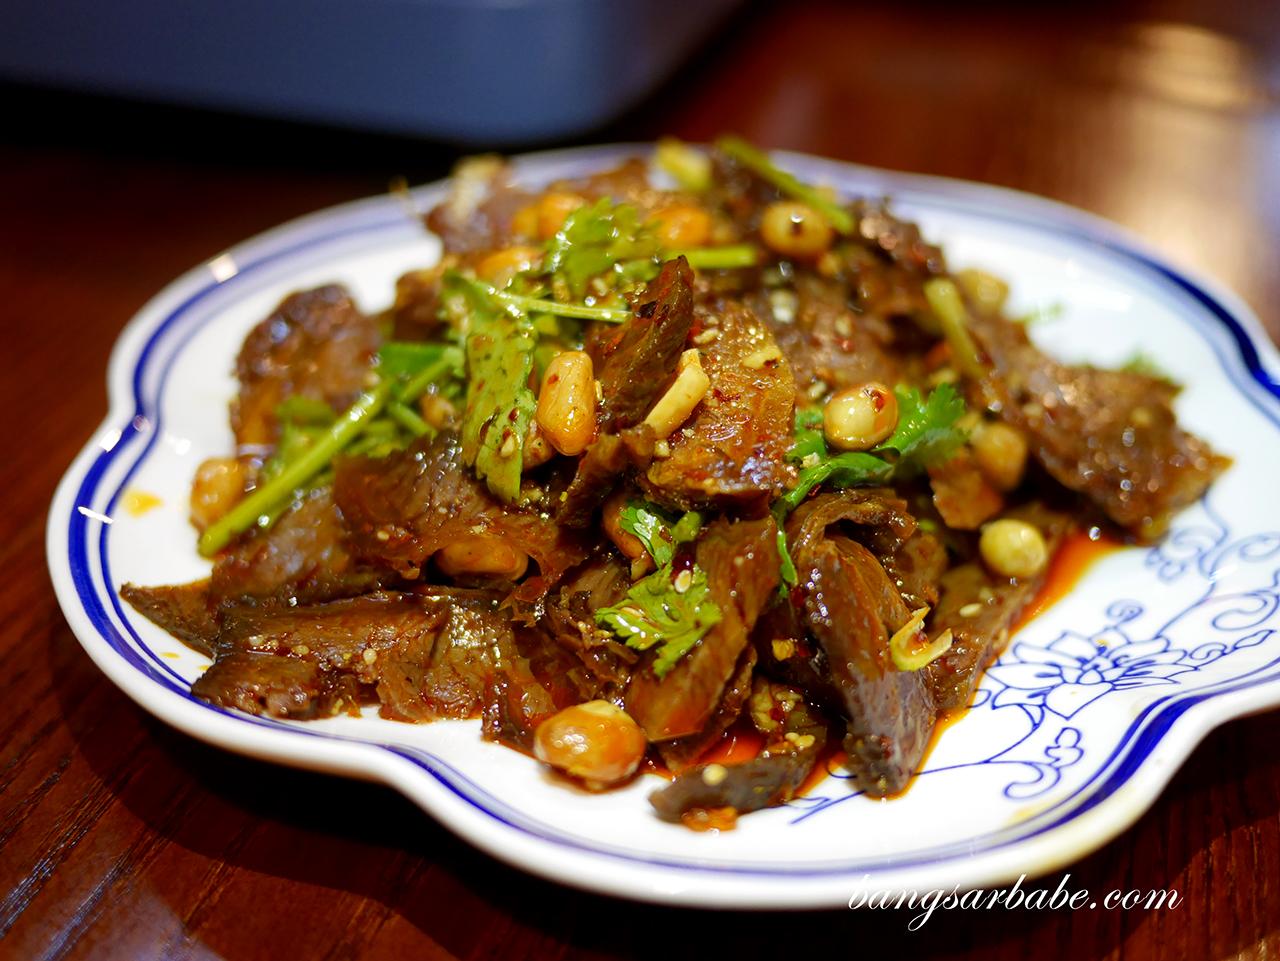 Restoran Sichuan Cuisine